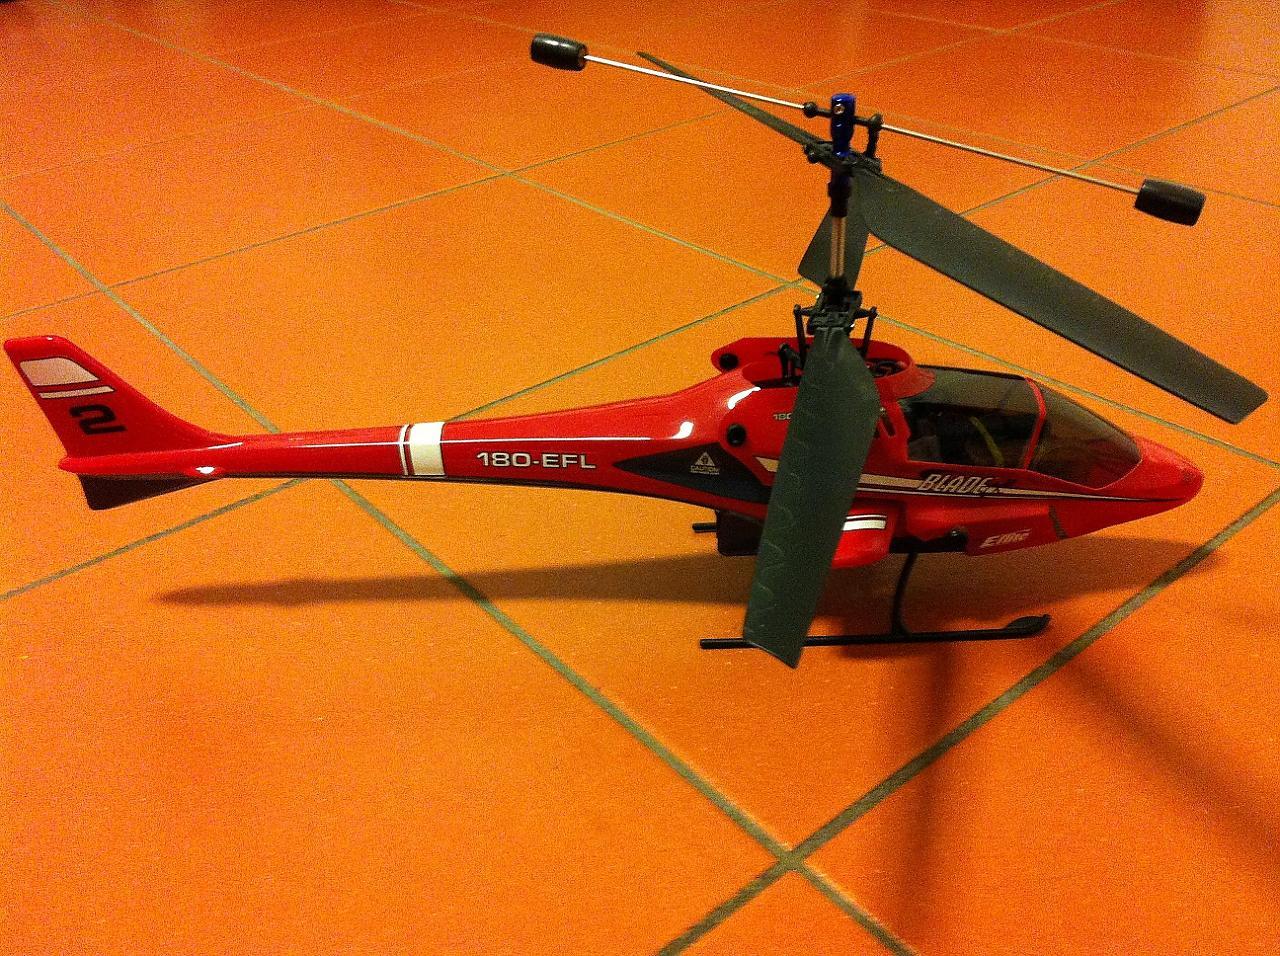 Elicottero E Flite Blade Cx2 : Vendo due splendidi elicotteri un blade super